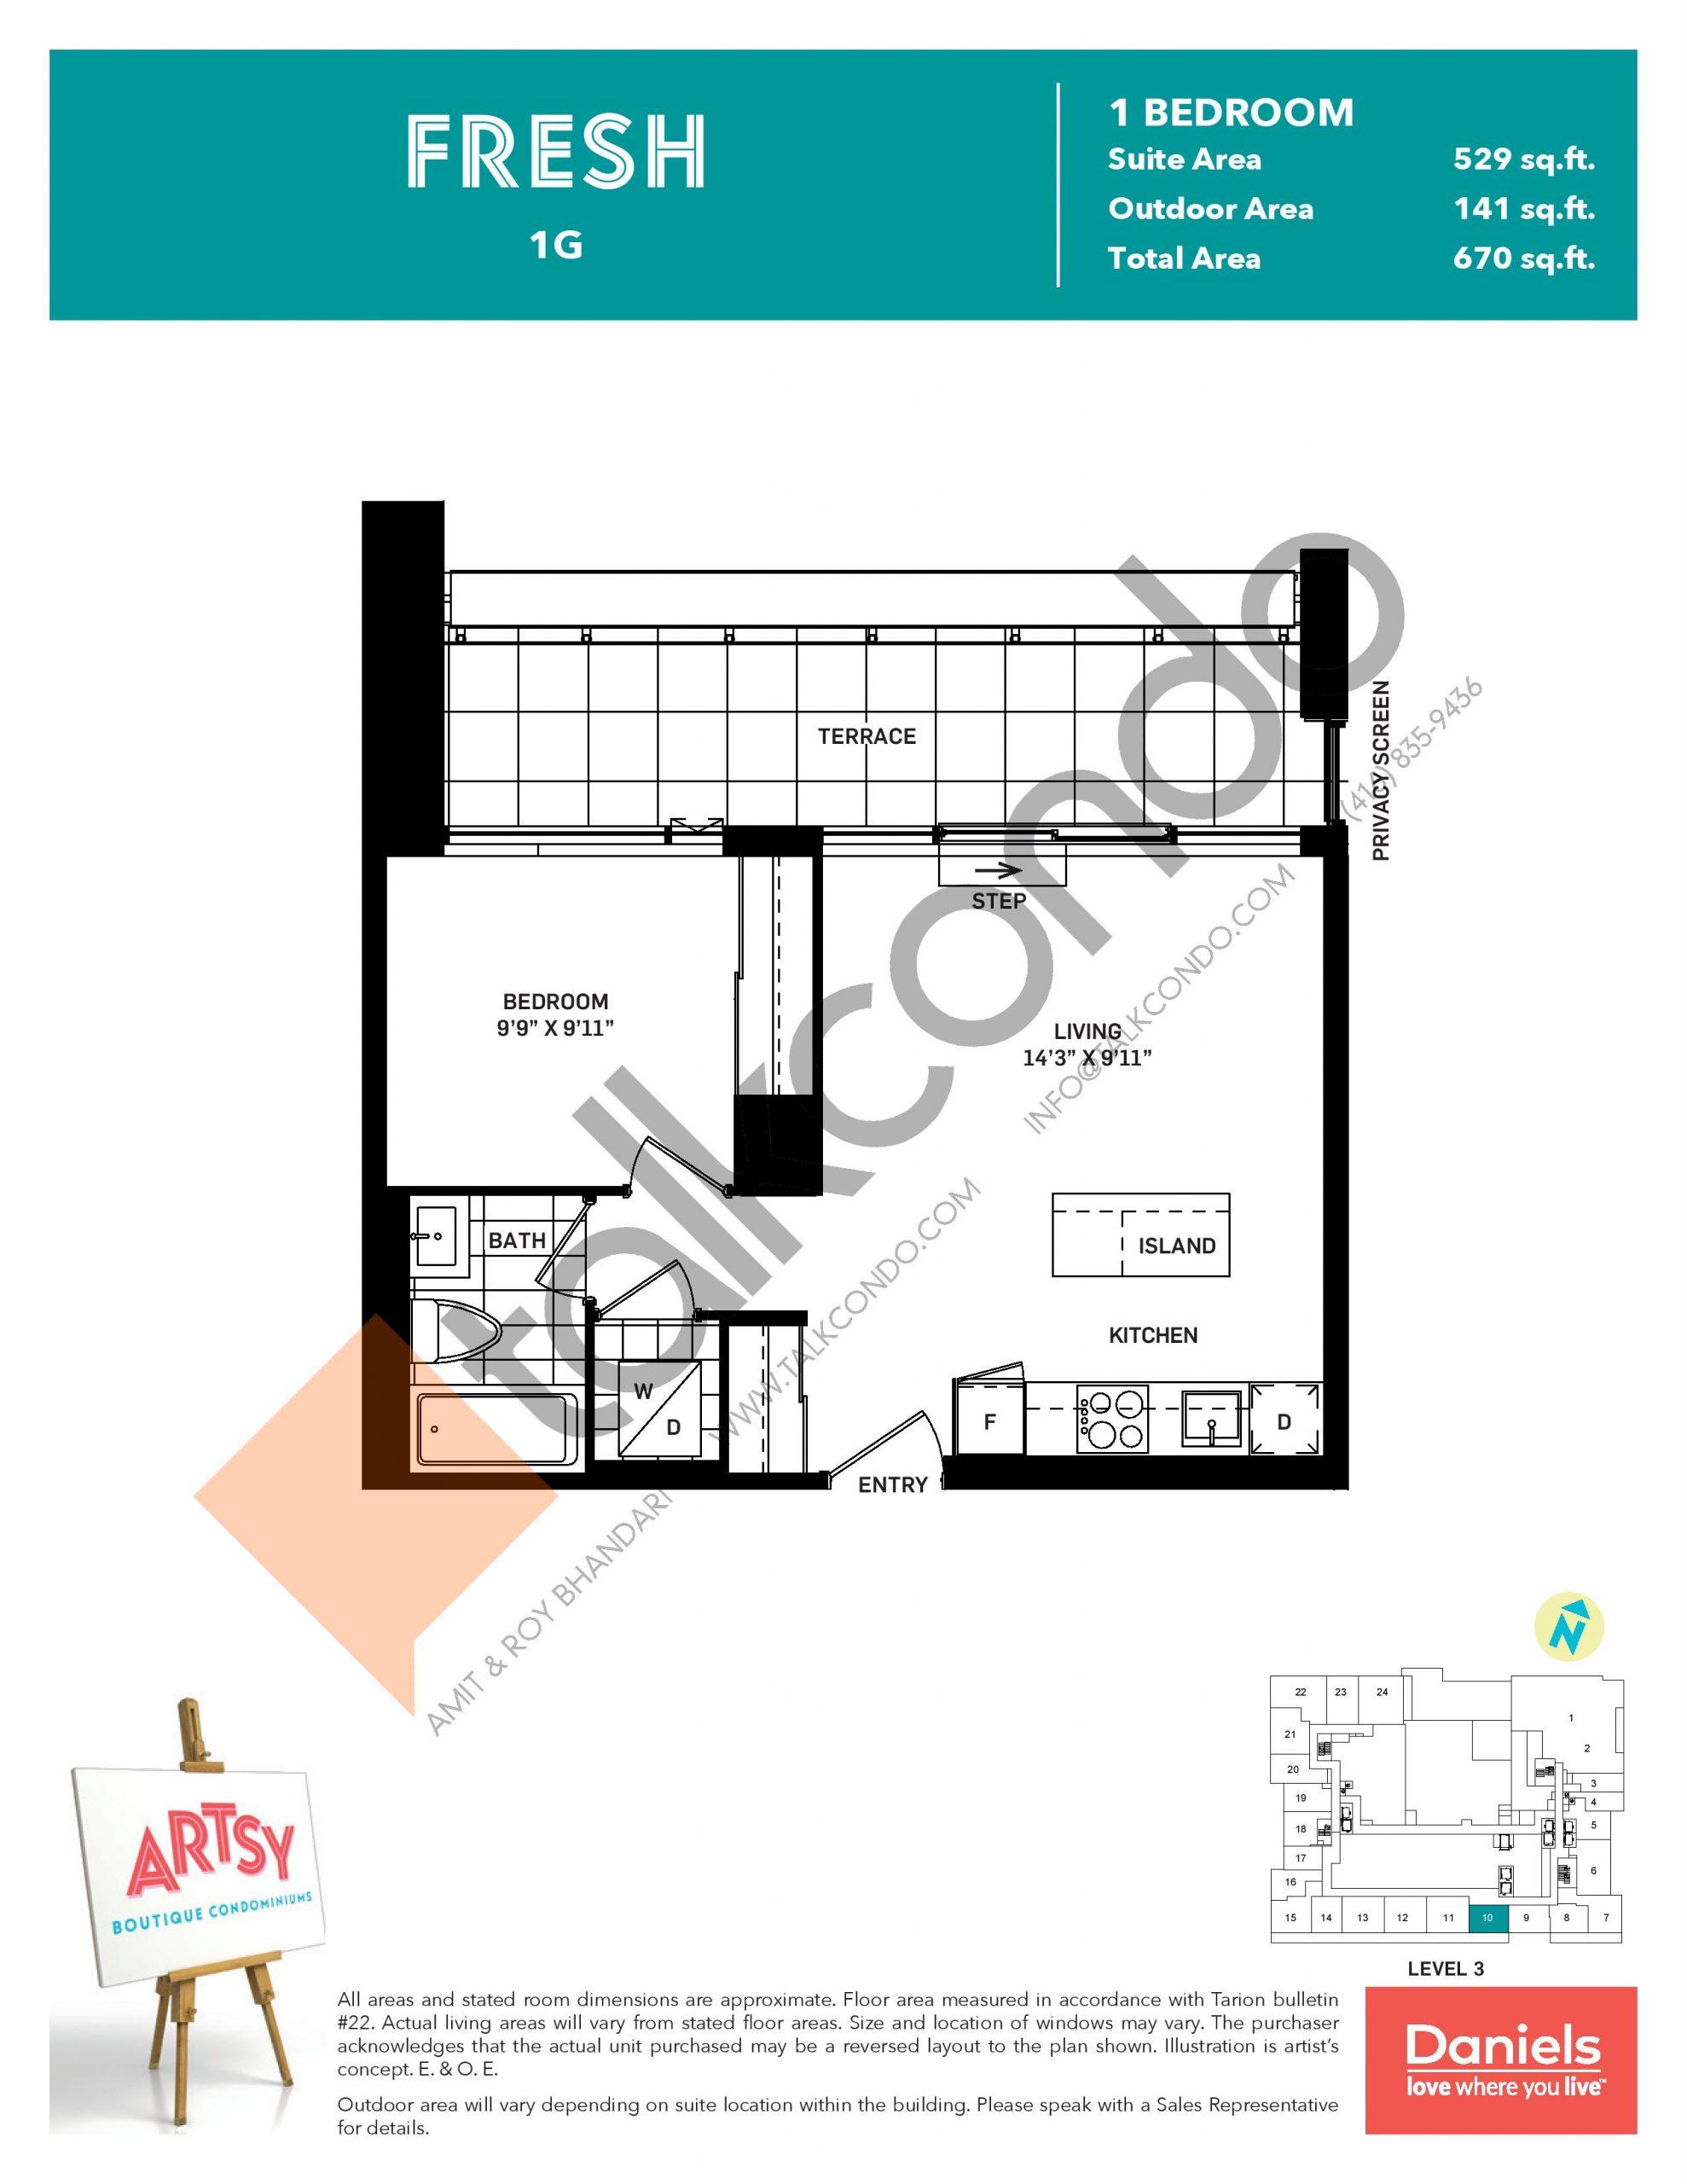 Fresh Floor Plan at Artsy Boutique Condos - 529 sq.ft